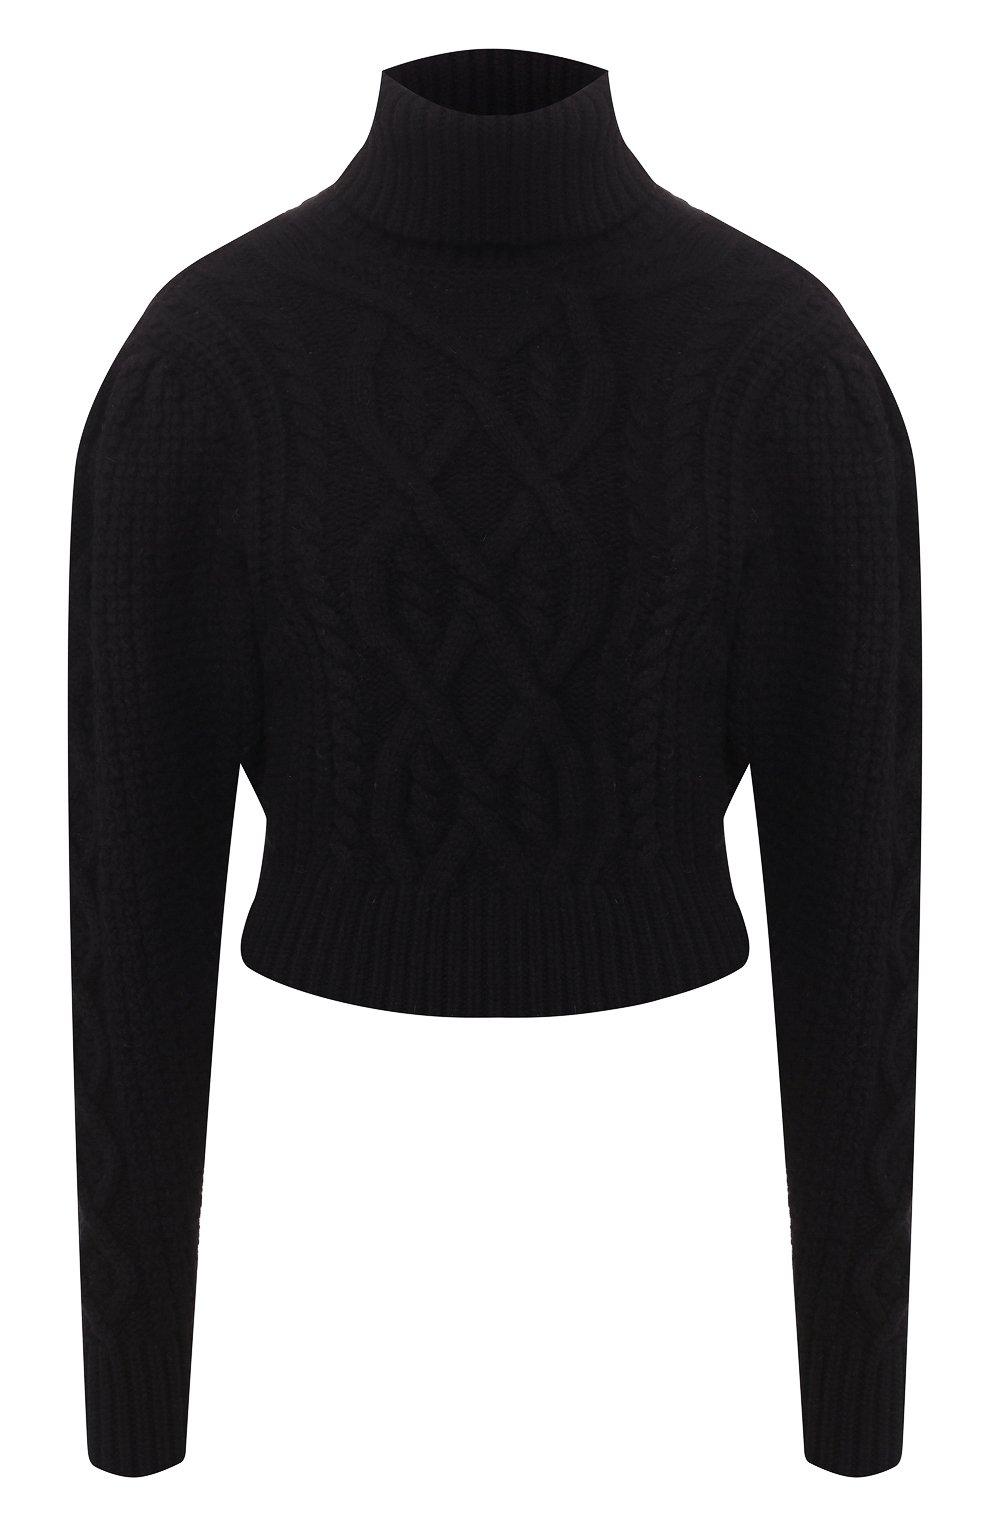 Женский шерстяной свитер WANDERING черного цвета, арт. WGW19903 | Фото 1